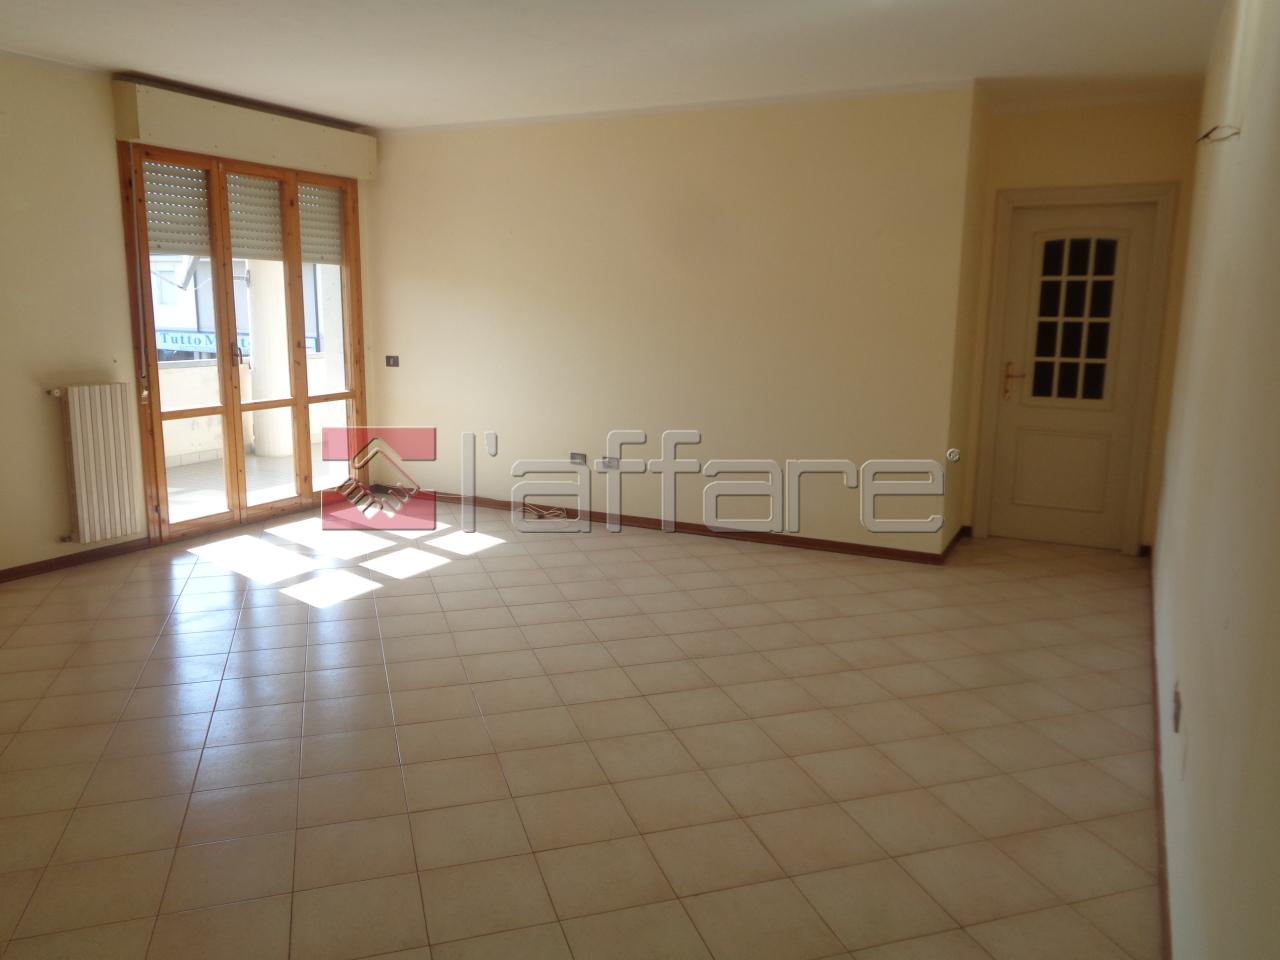 Appartamento da ristrutturare in vendita Rif. 9418762